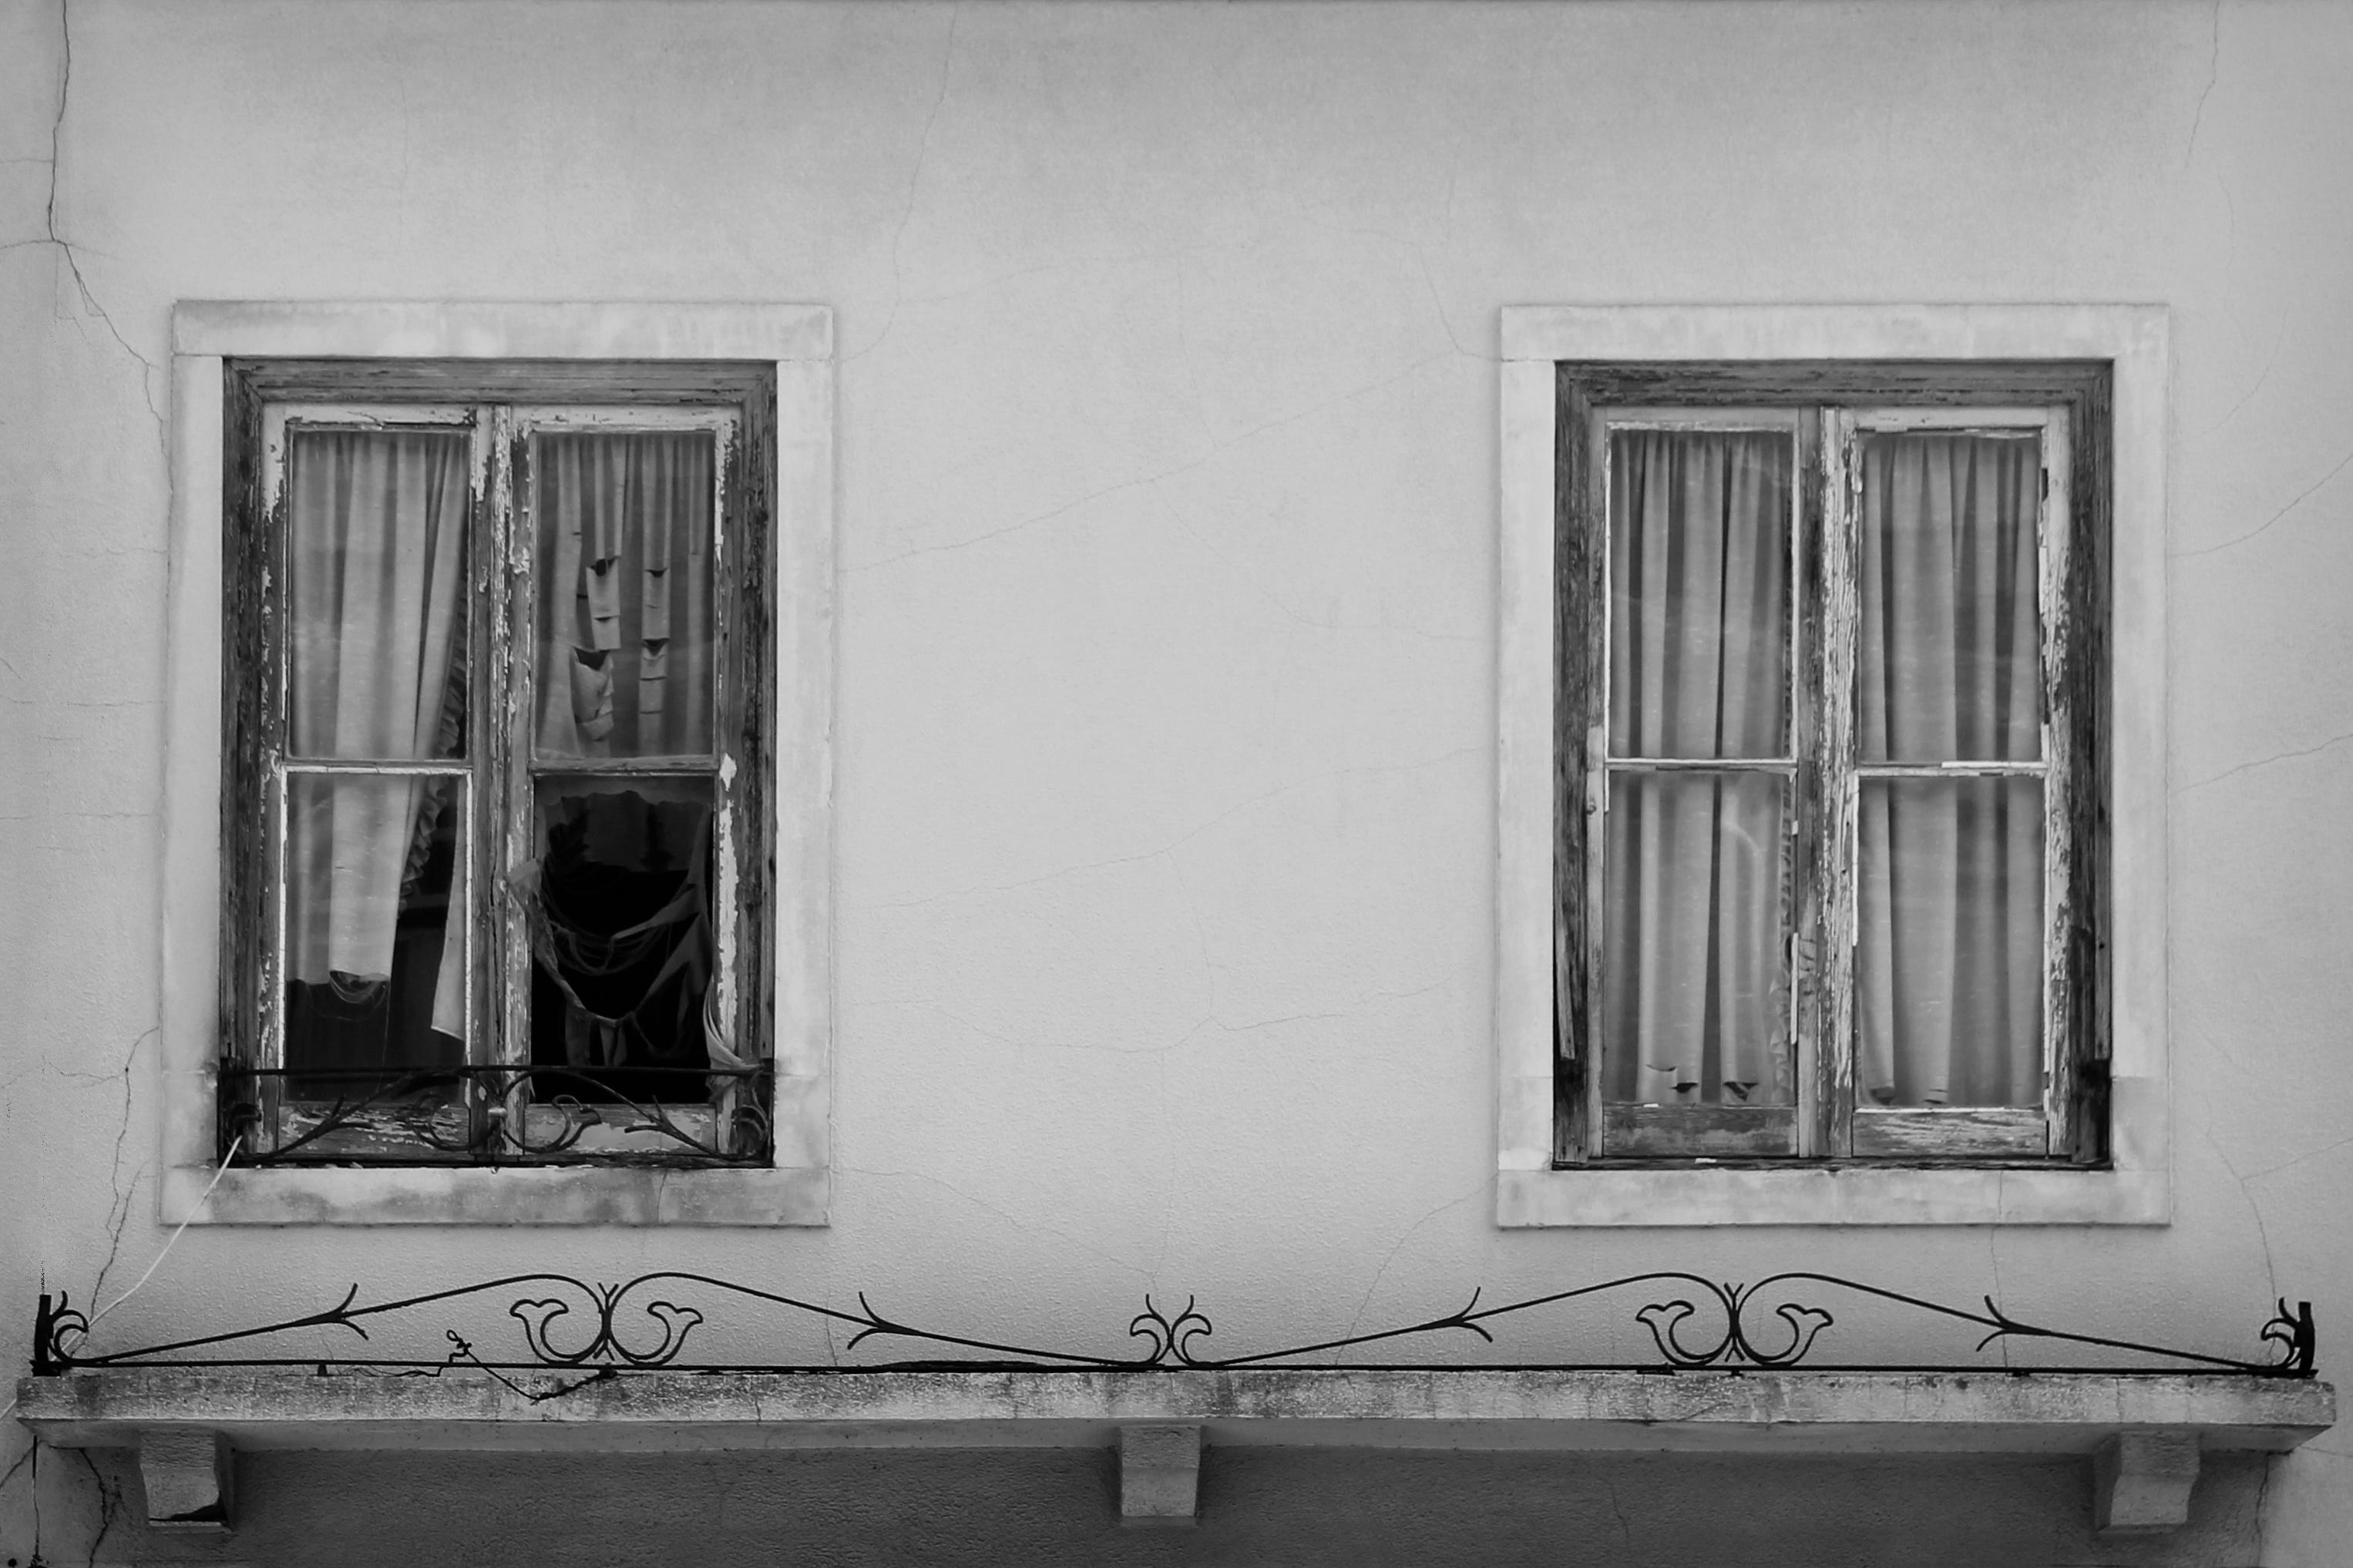 images gratuites noir et blanc la photographie maison fen tre mur monochrome porte. Black Bedroom Furniture Sets. Home Design Ideas